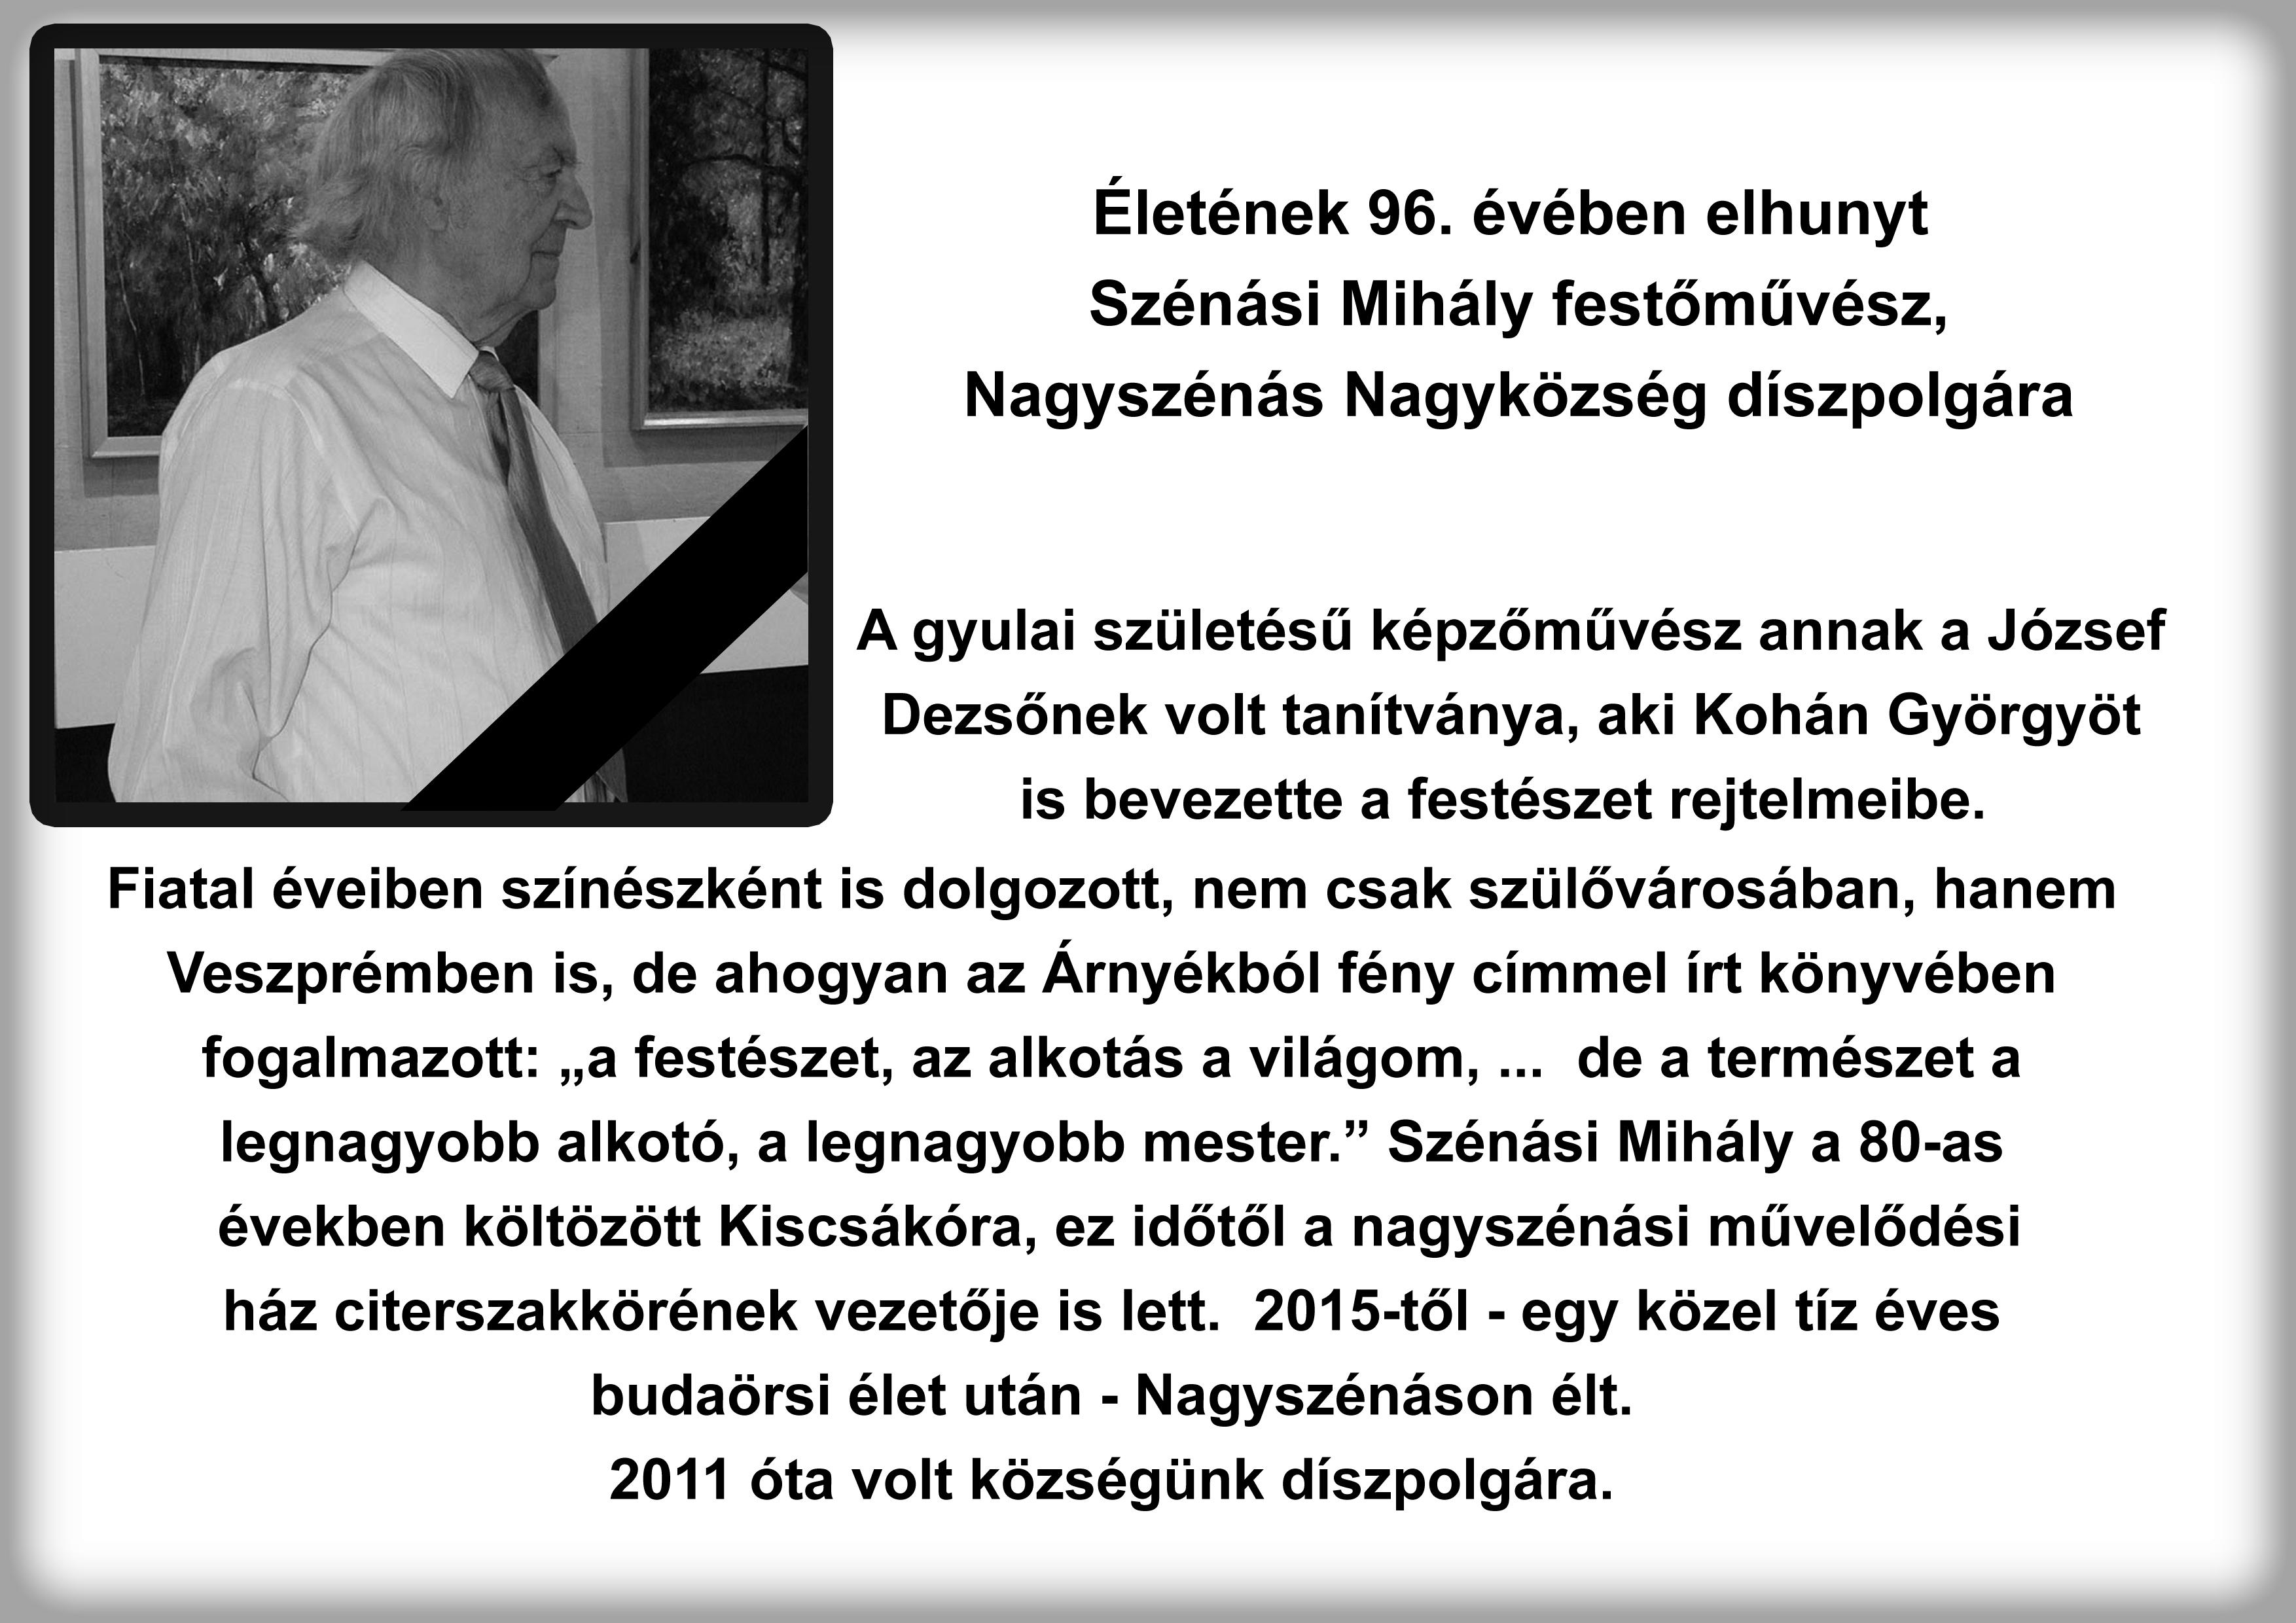 Szénási Mihály